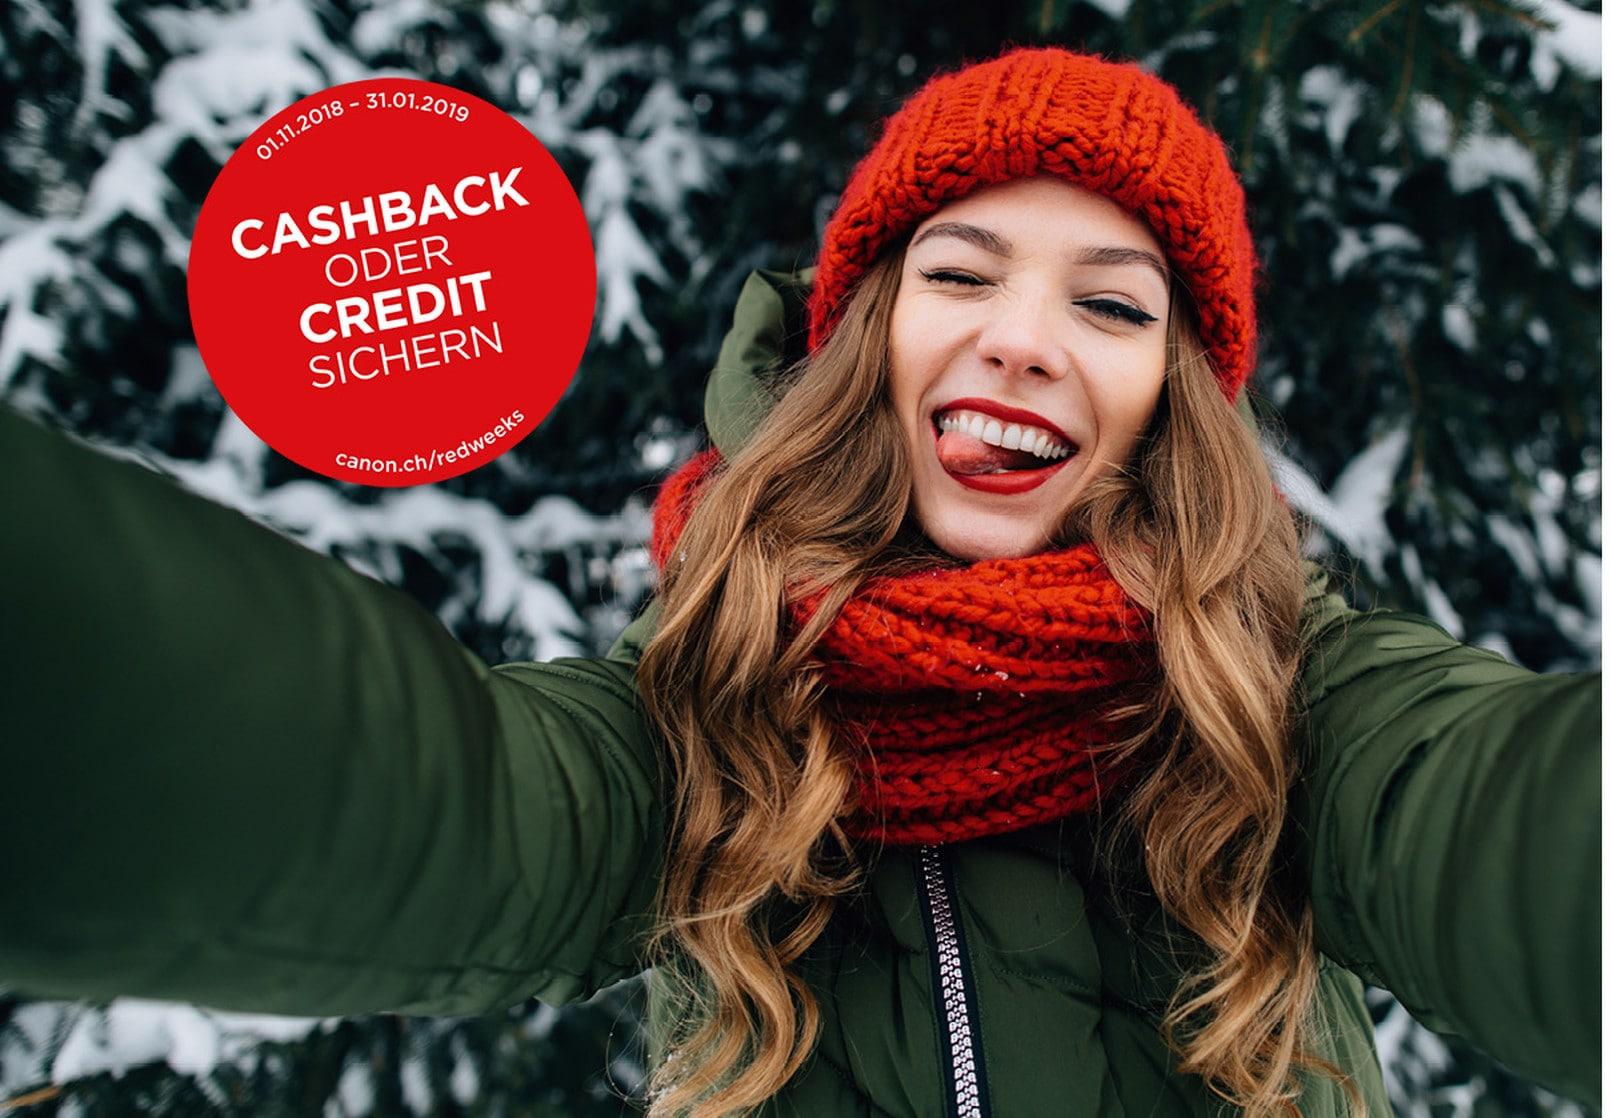 Cashback oder Credit sichern